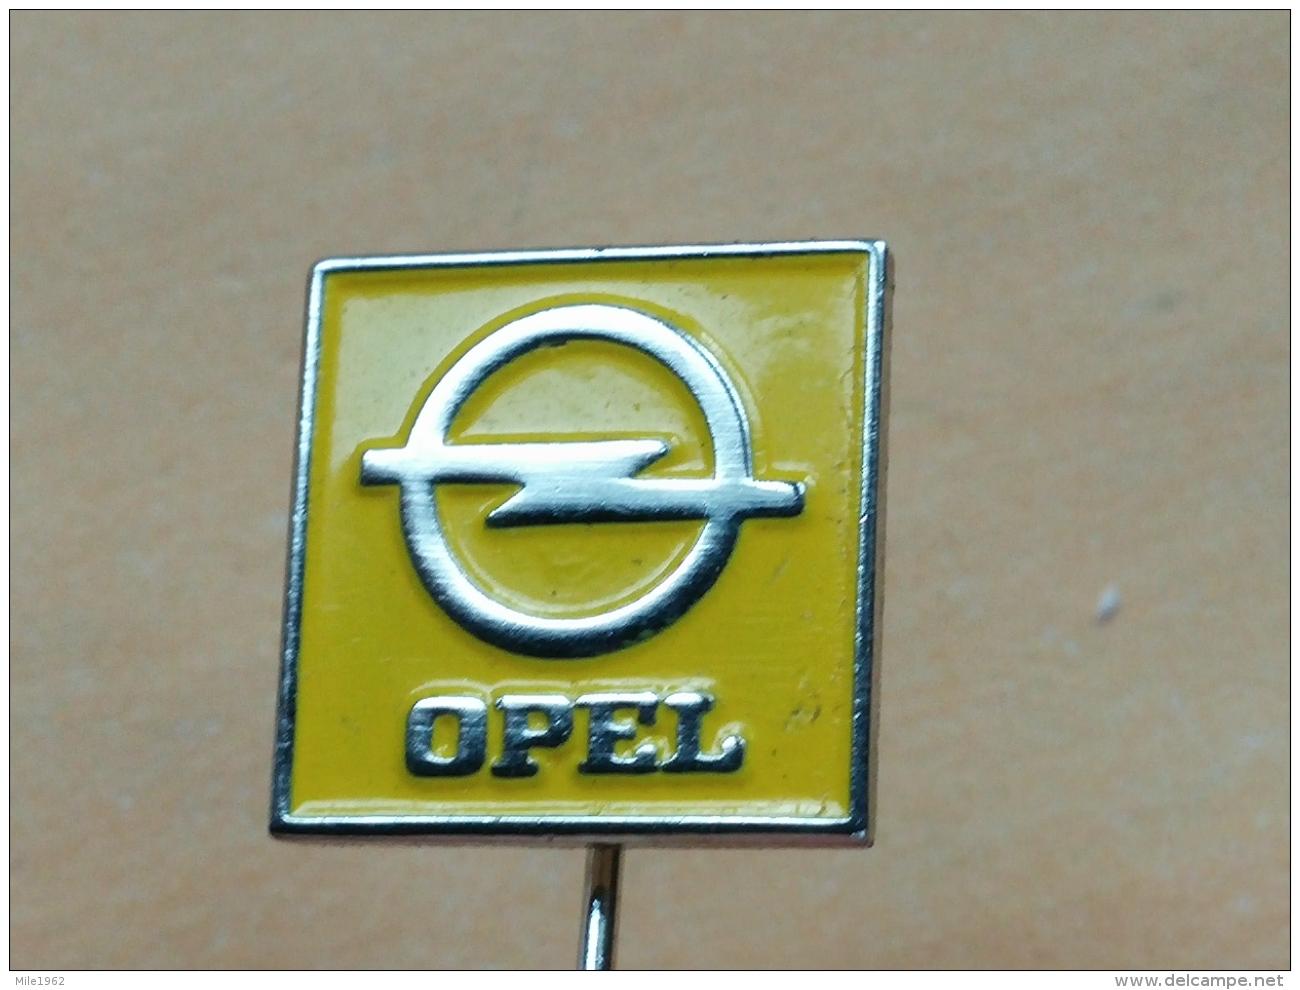 Z 201 - OPEL AUTO, CAR - Opel